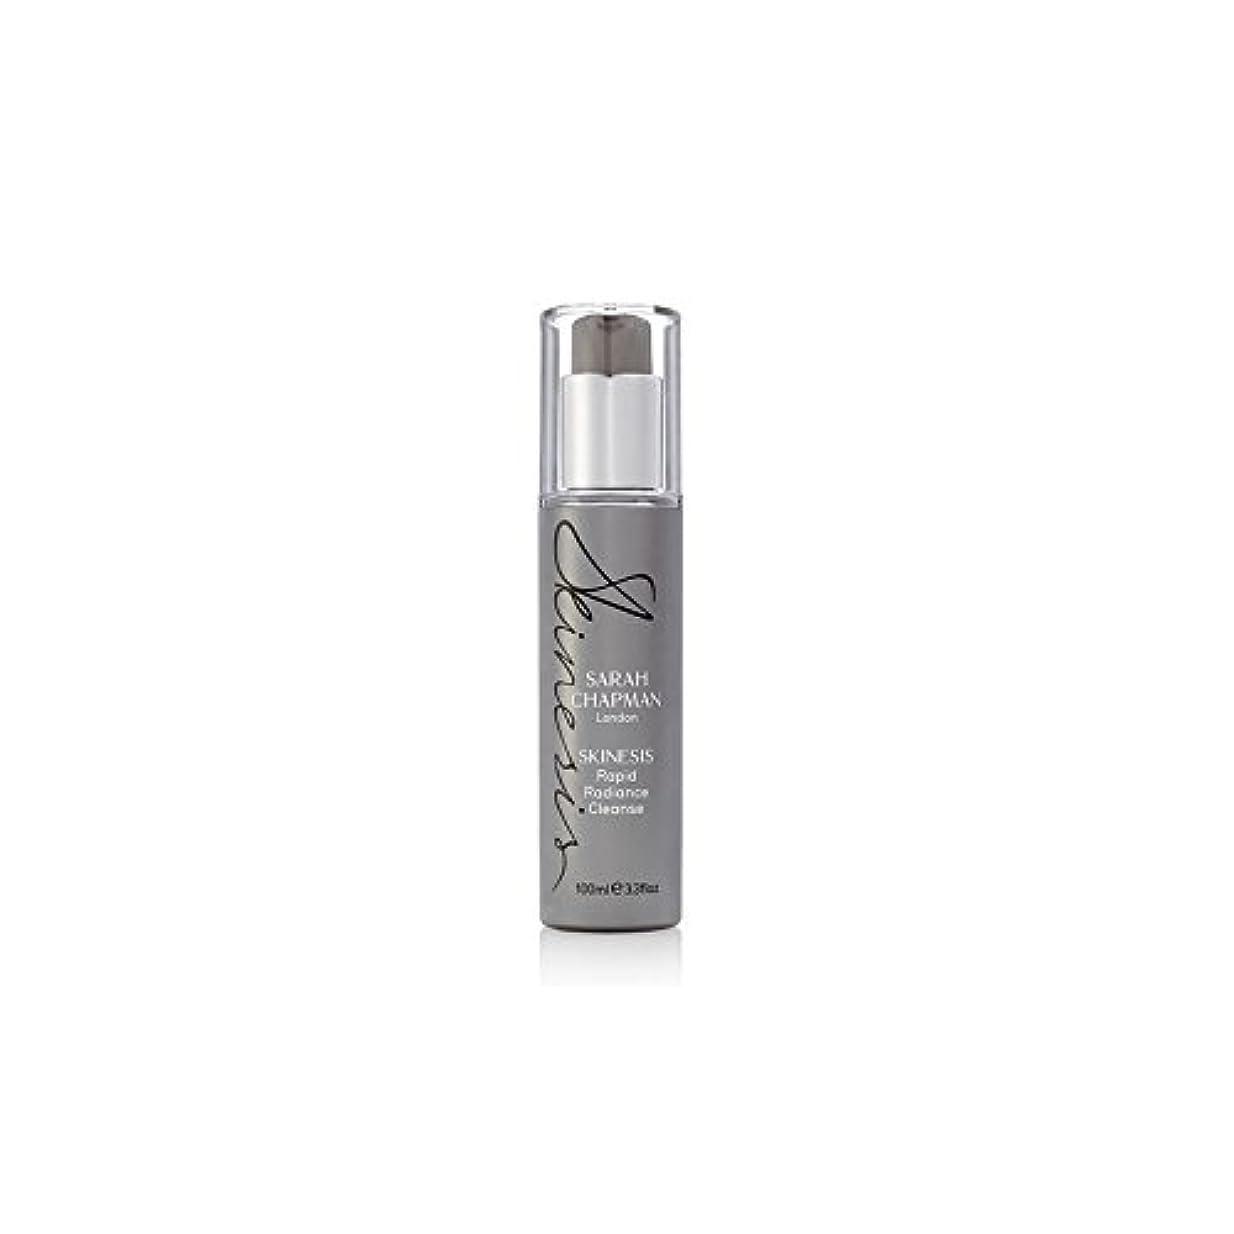 レイプ暗いクスクスSarah Chapman Skinesis Rapid Radiance Cleanse (100ml) (Pack of 6) - サラ?チャップマン迅速な輝きの浄化(100ミリリットル) x6 [並行輸入品]